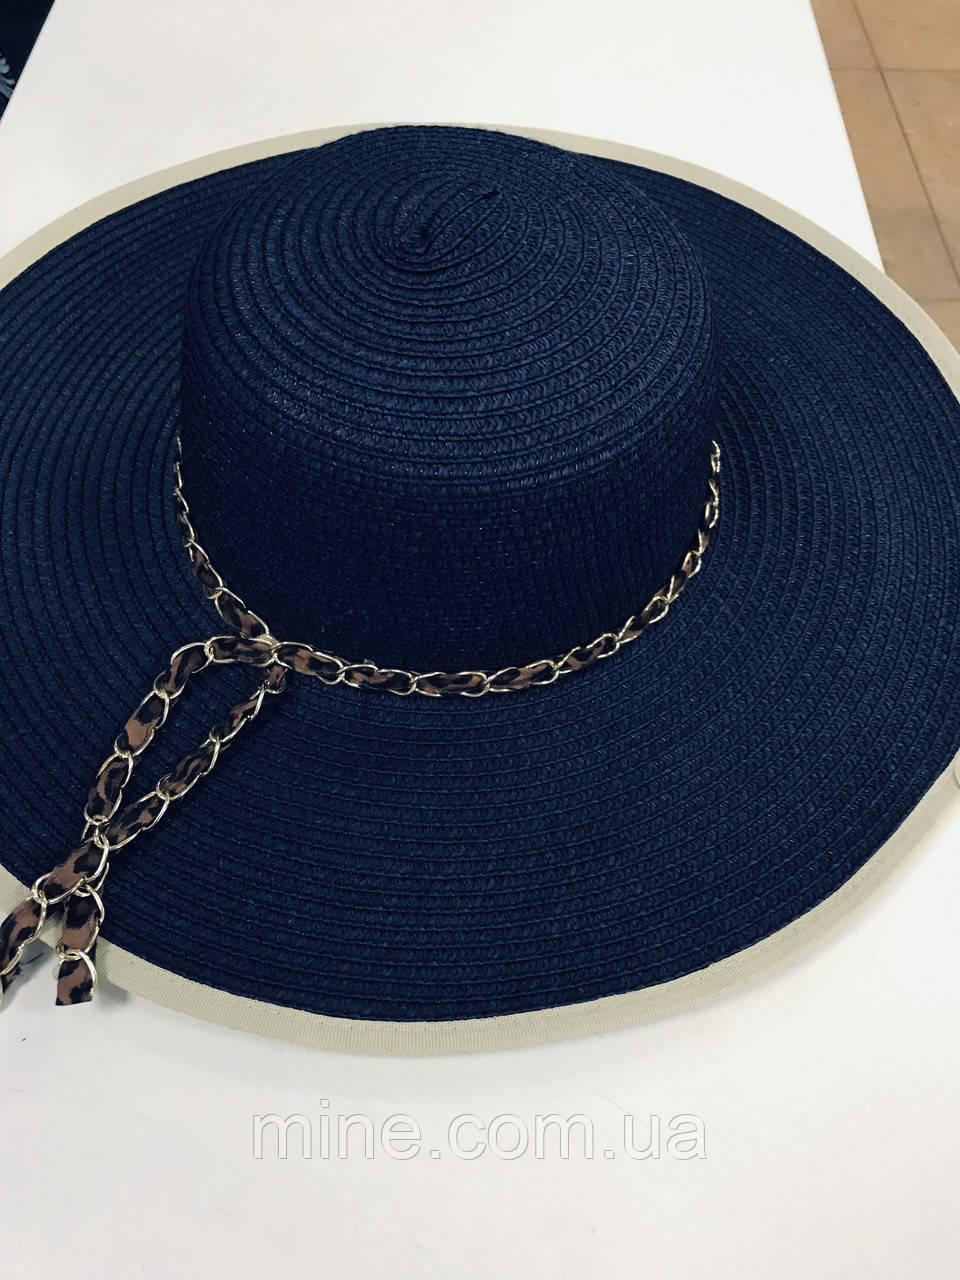 Соломенная женская синяя летняя шляпка с цепочкой